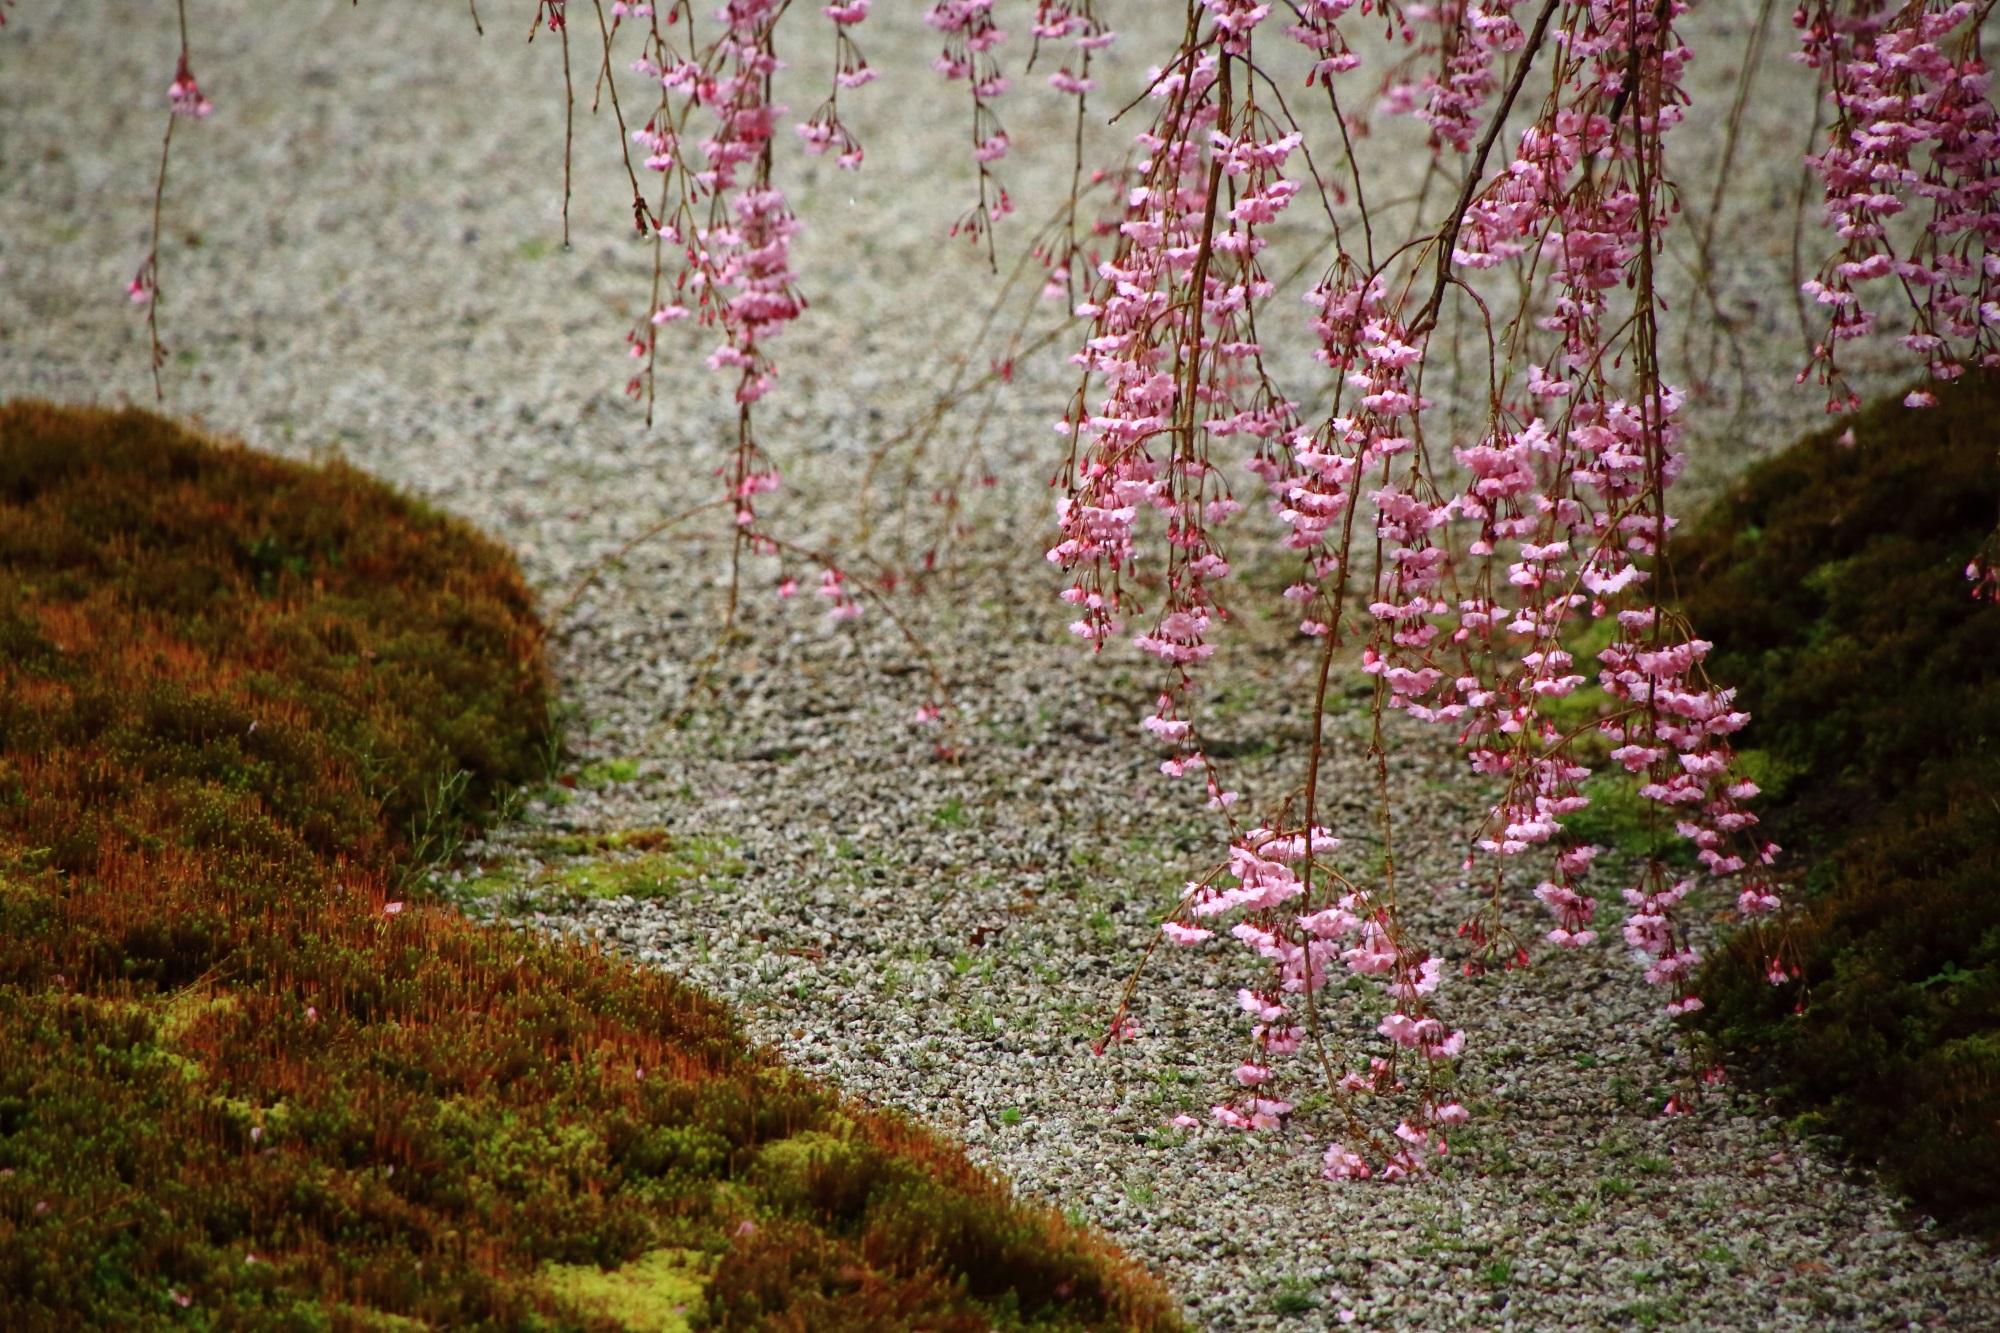 雨に濡れてなびく繊細で可憐な花が